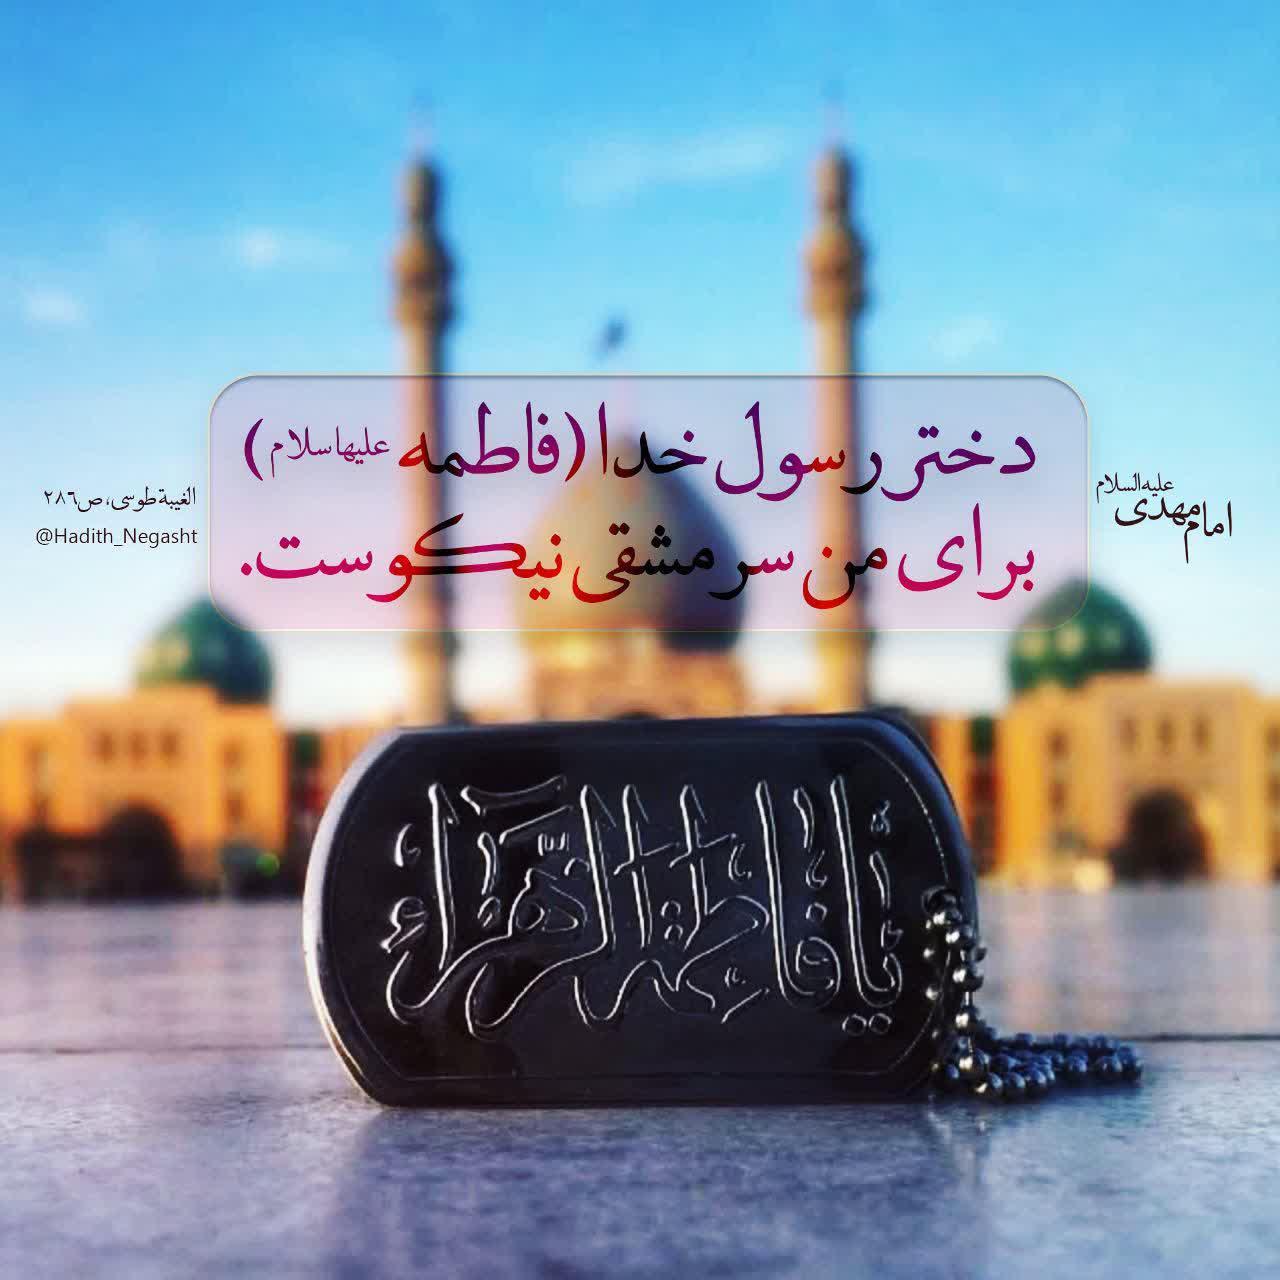 دربارهی حضرت زهرا (علیها السّلام): مرور «کوثر» و «تطهیر» و «نور» باید کرد (شعر)